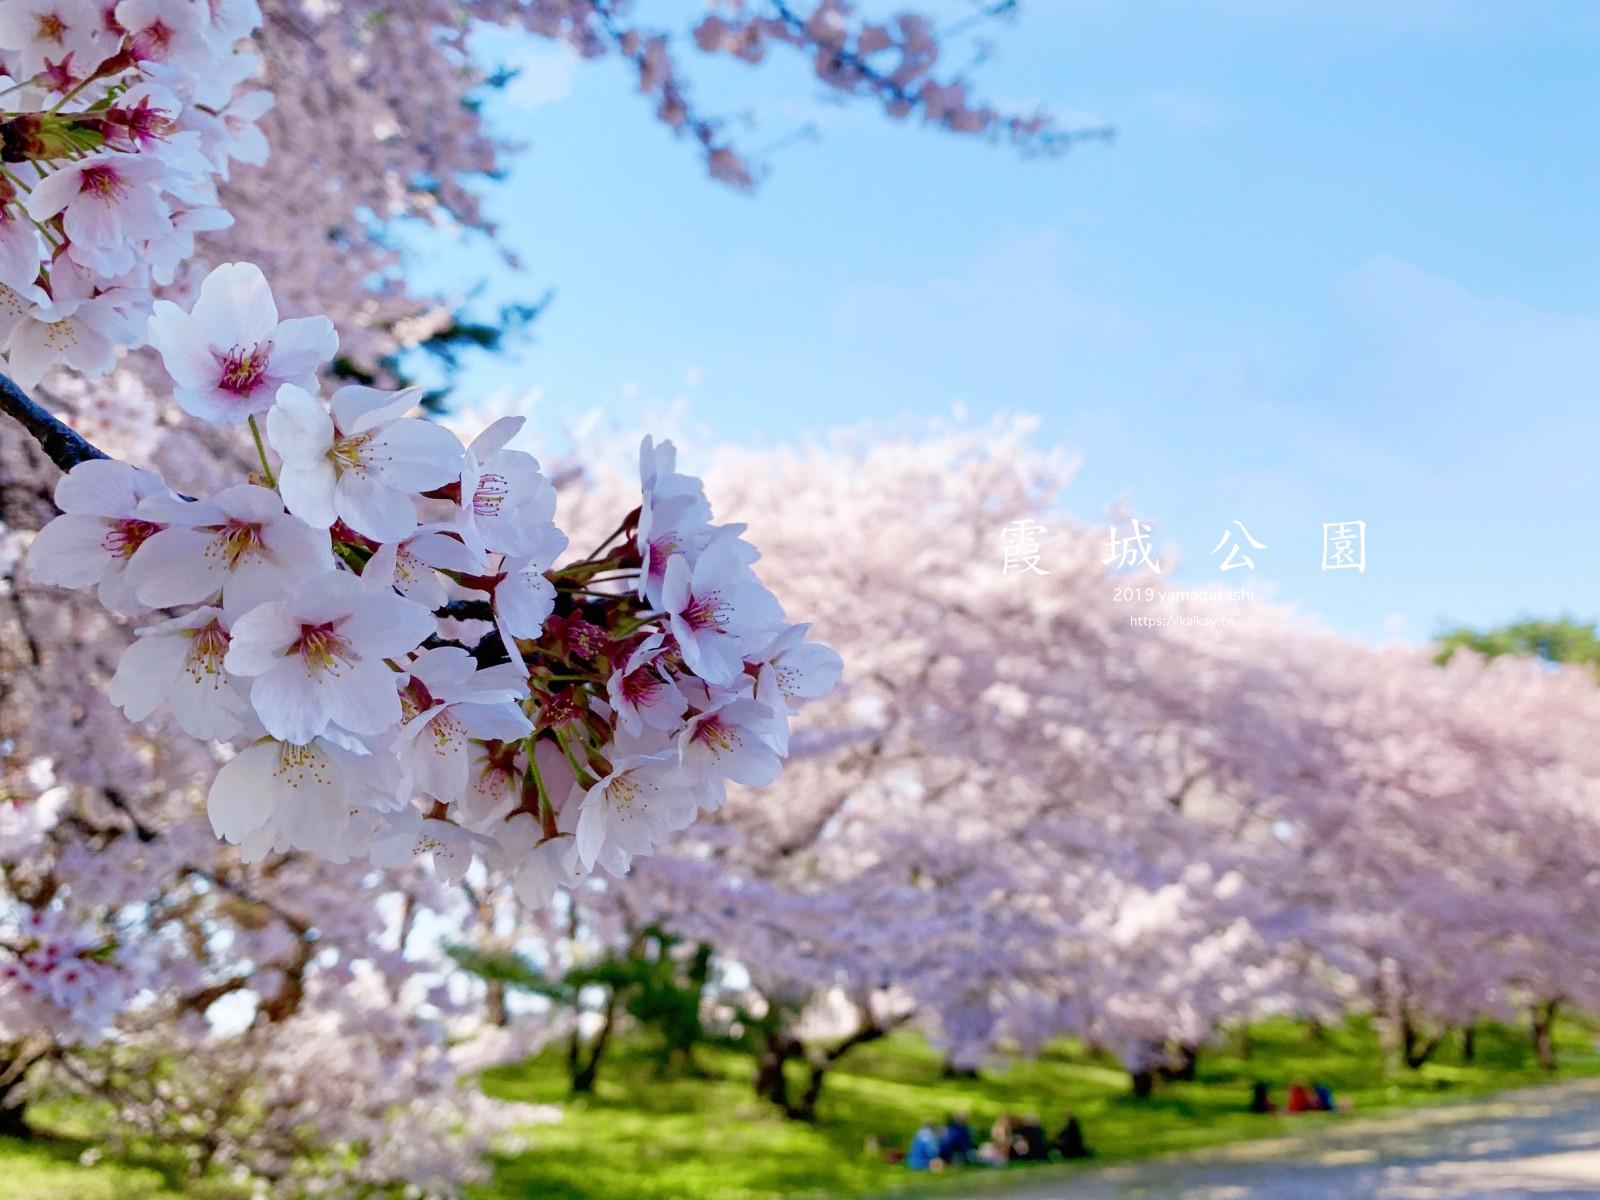 ☆【2019。山形】山形霞城公園櫻花大滿開。日櫻夜櫻都壯觀 @凱的日本食尚日記